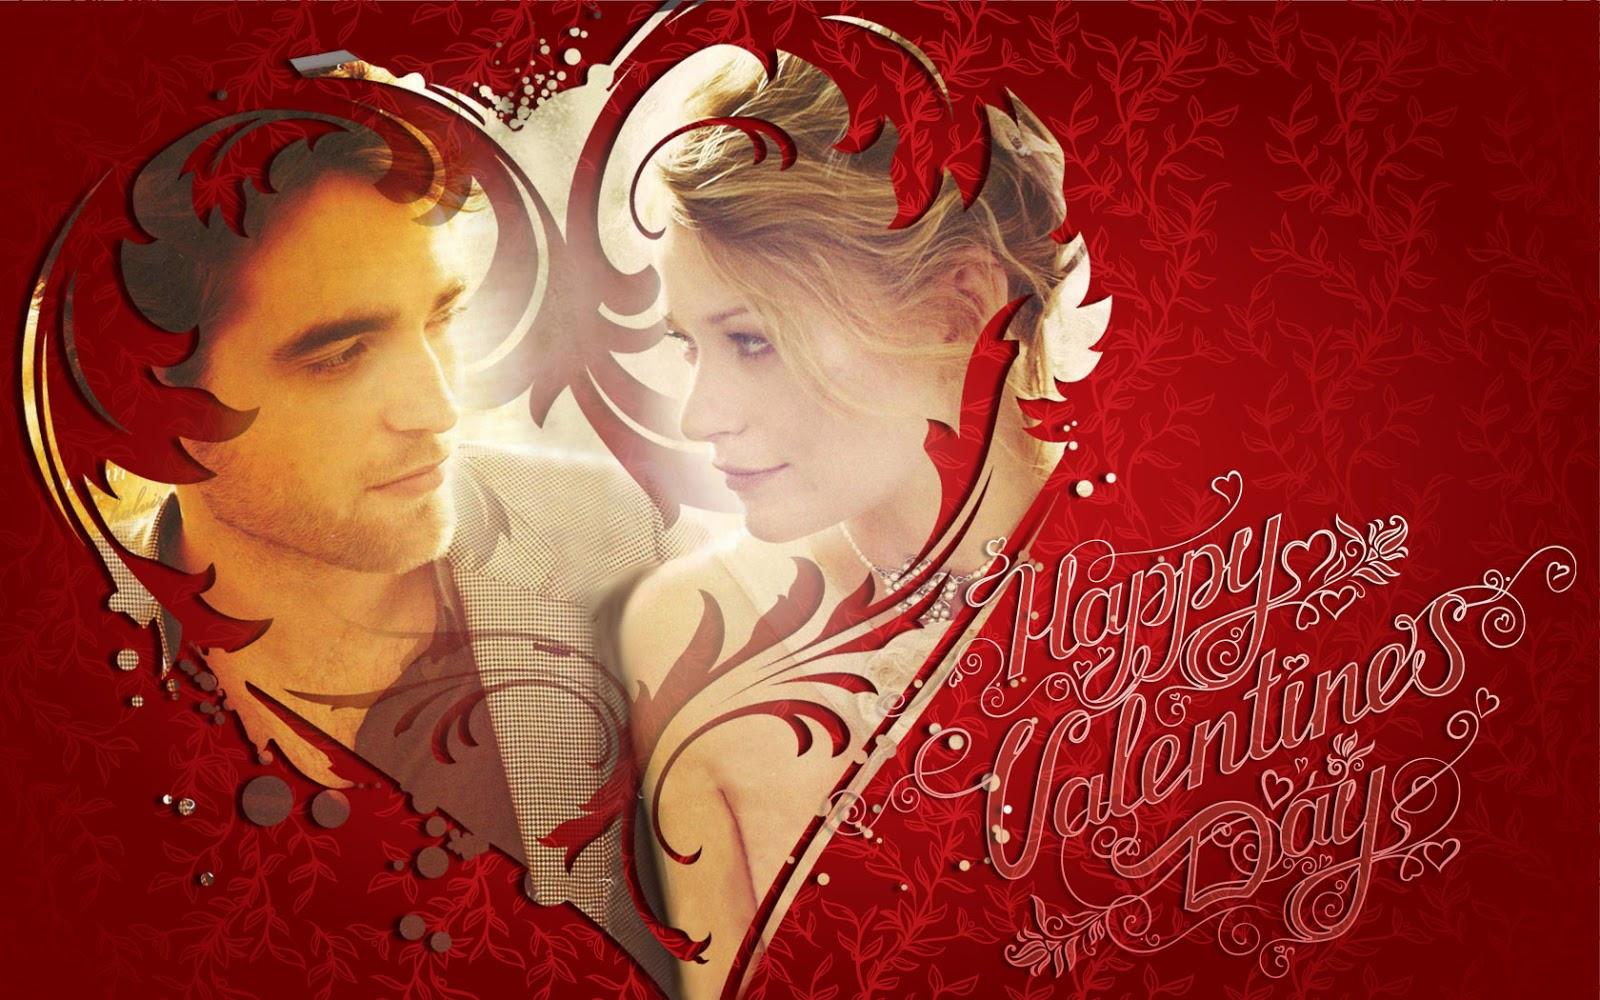 Happy Valentines Day 2014 HD Desktop Wallpapers